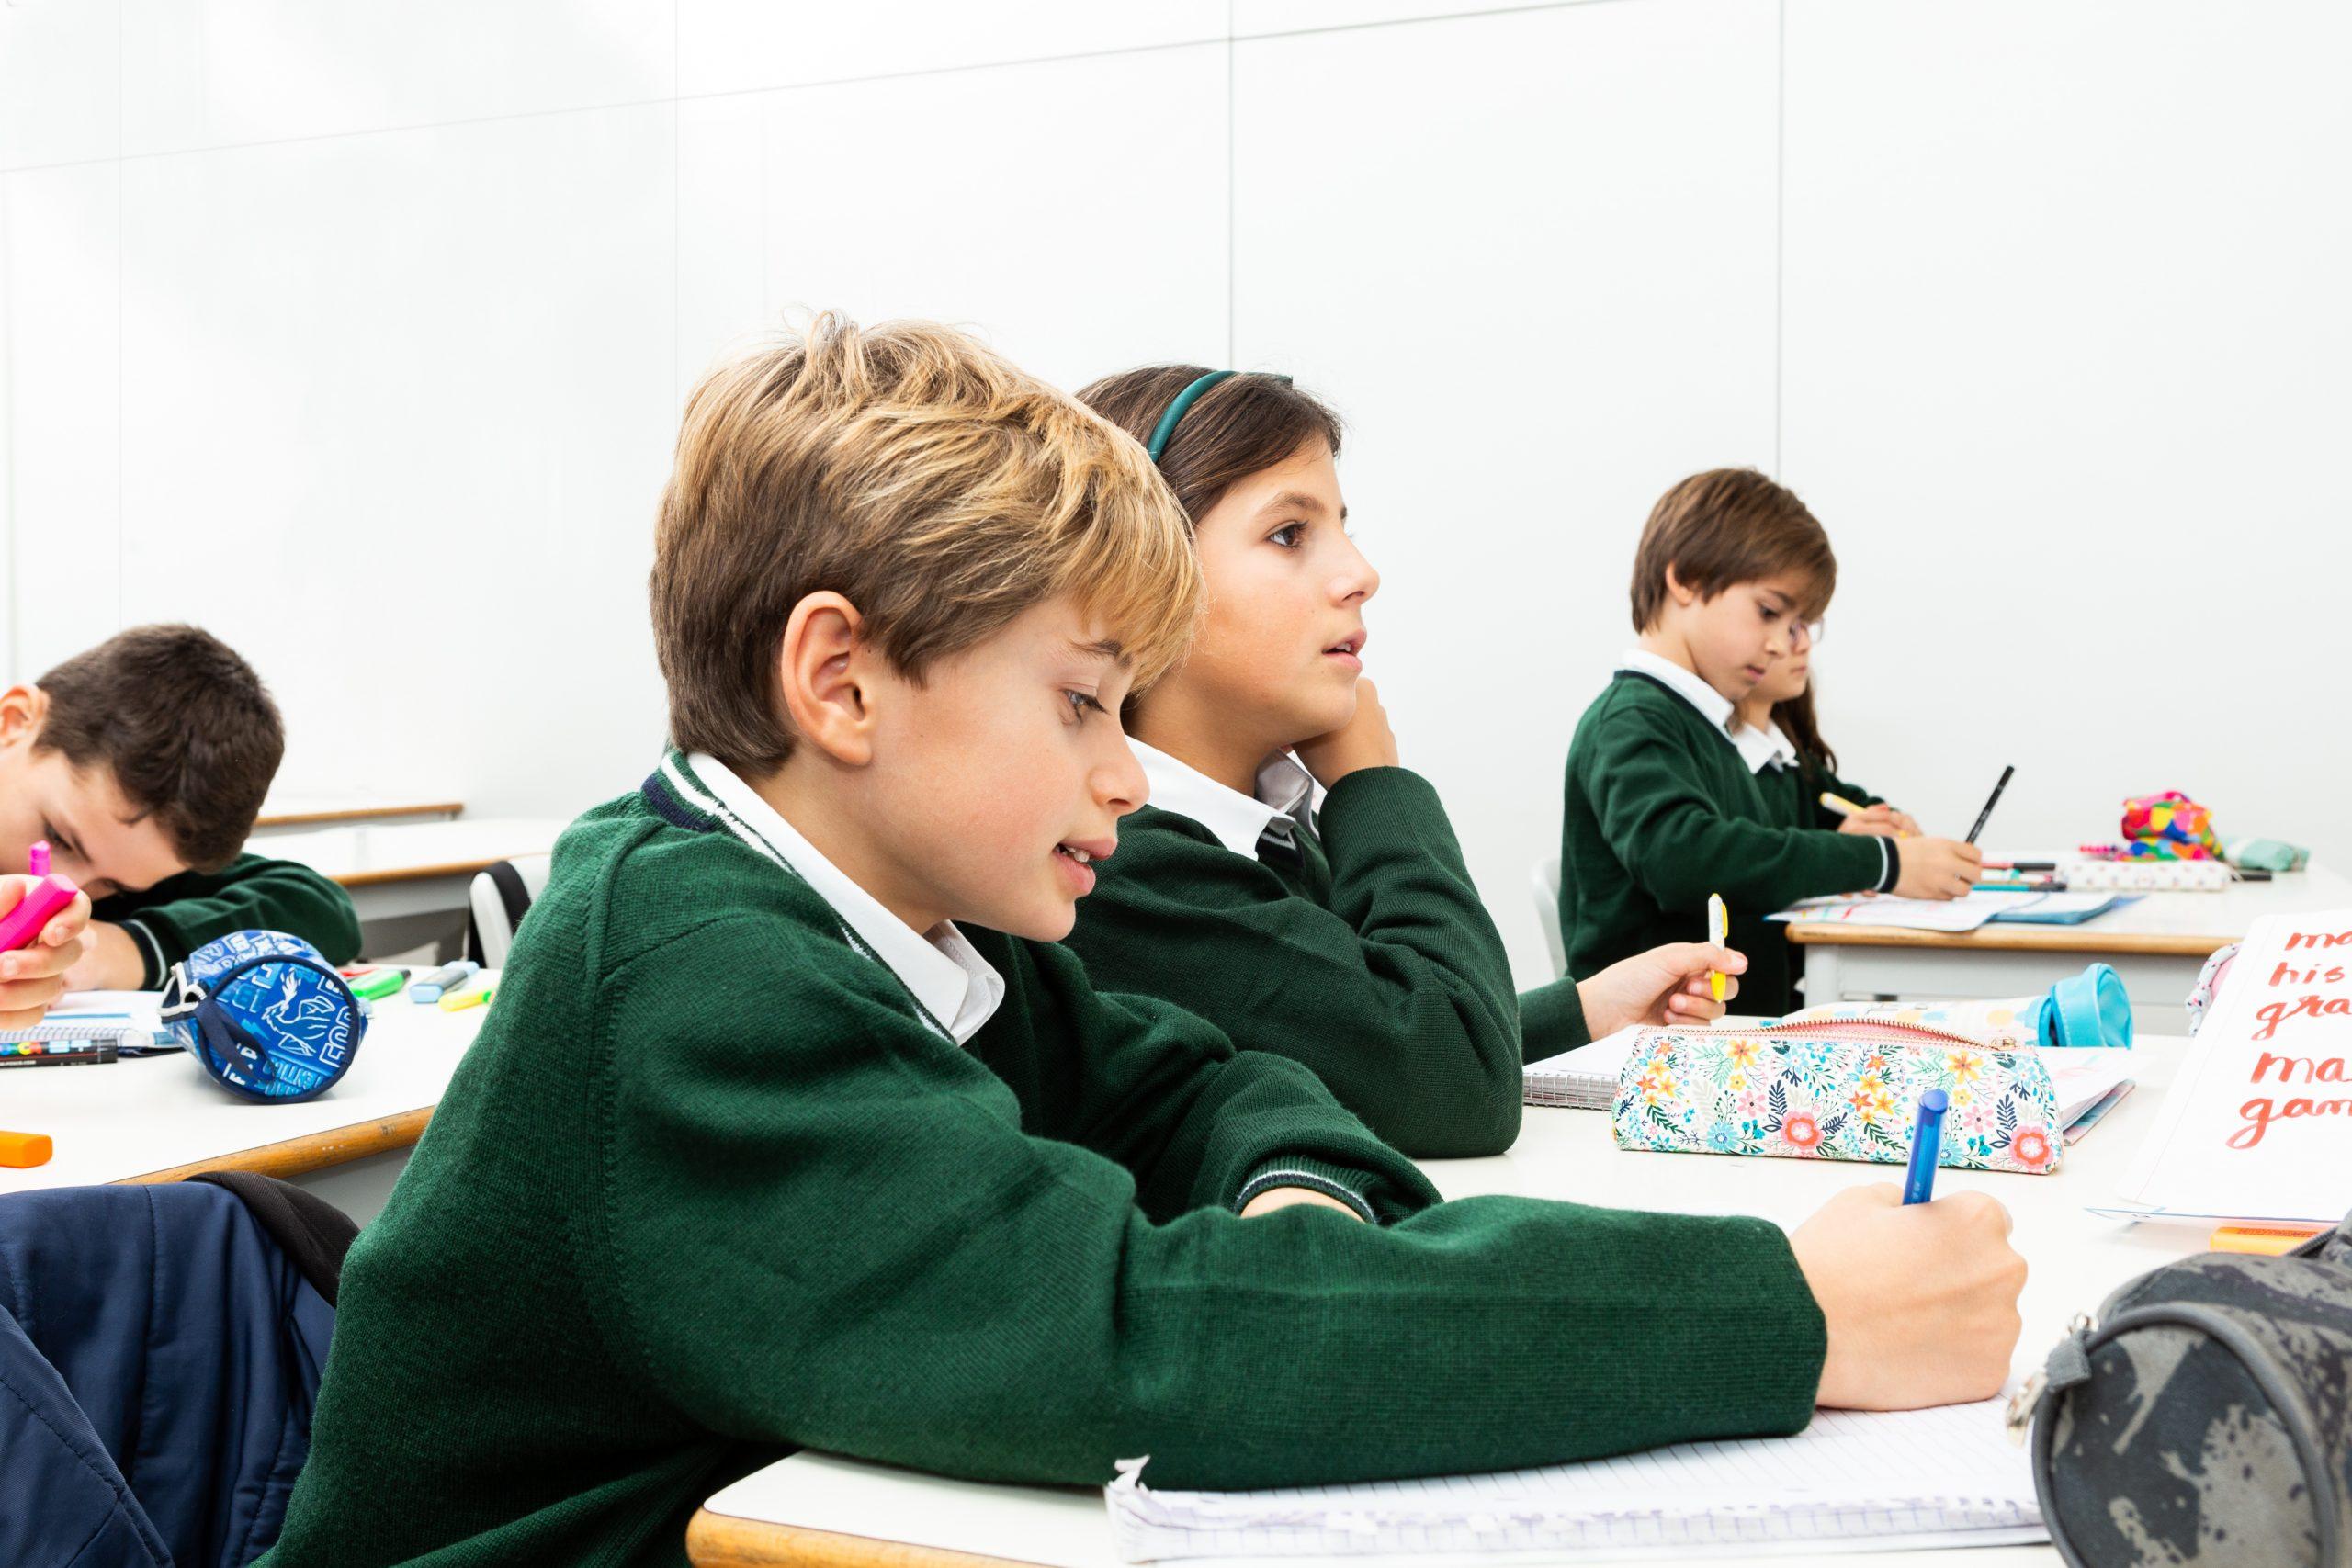 ajude-o-seu-filho-com-a-ansiedade-na-apresentação-de-trabalhos-escolares